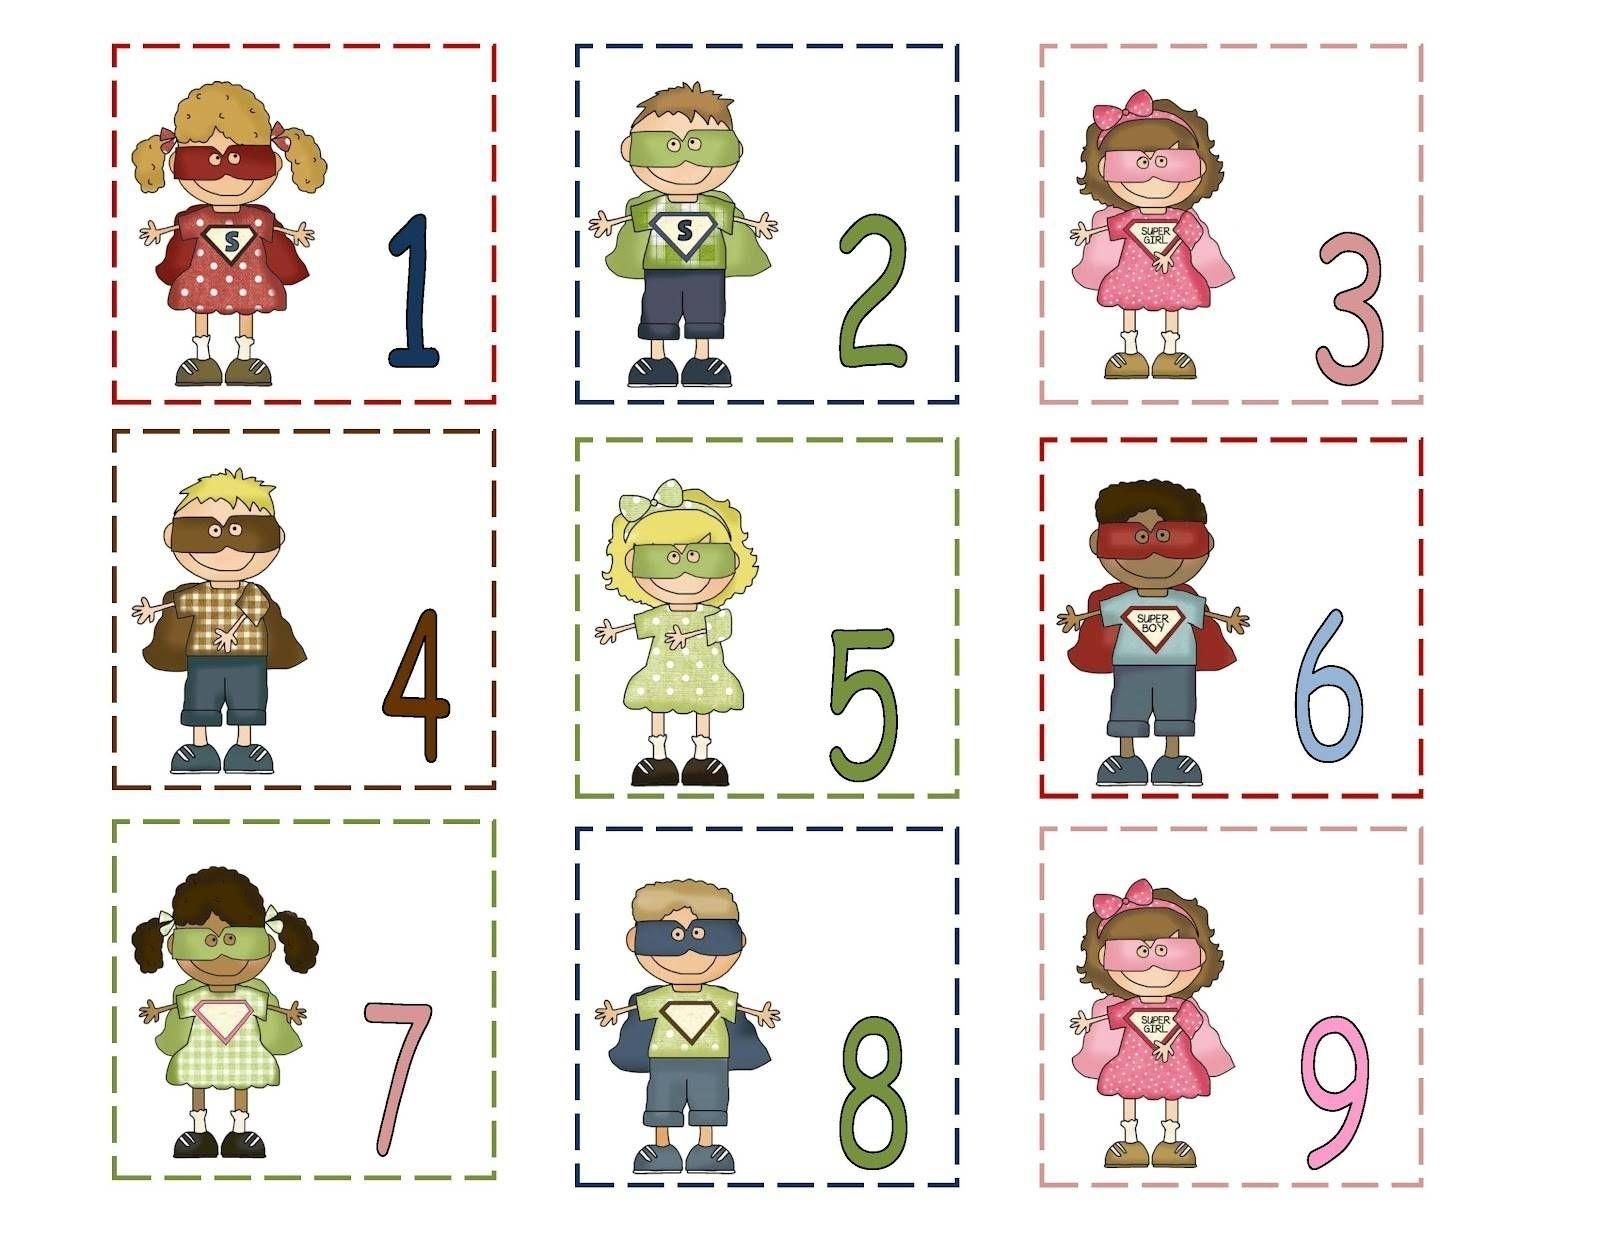 Free Printable Calendar Numbers 1-31 | 1 | Preschool Printables within Printable Numbers 1-31 For Calendar